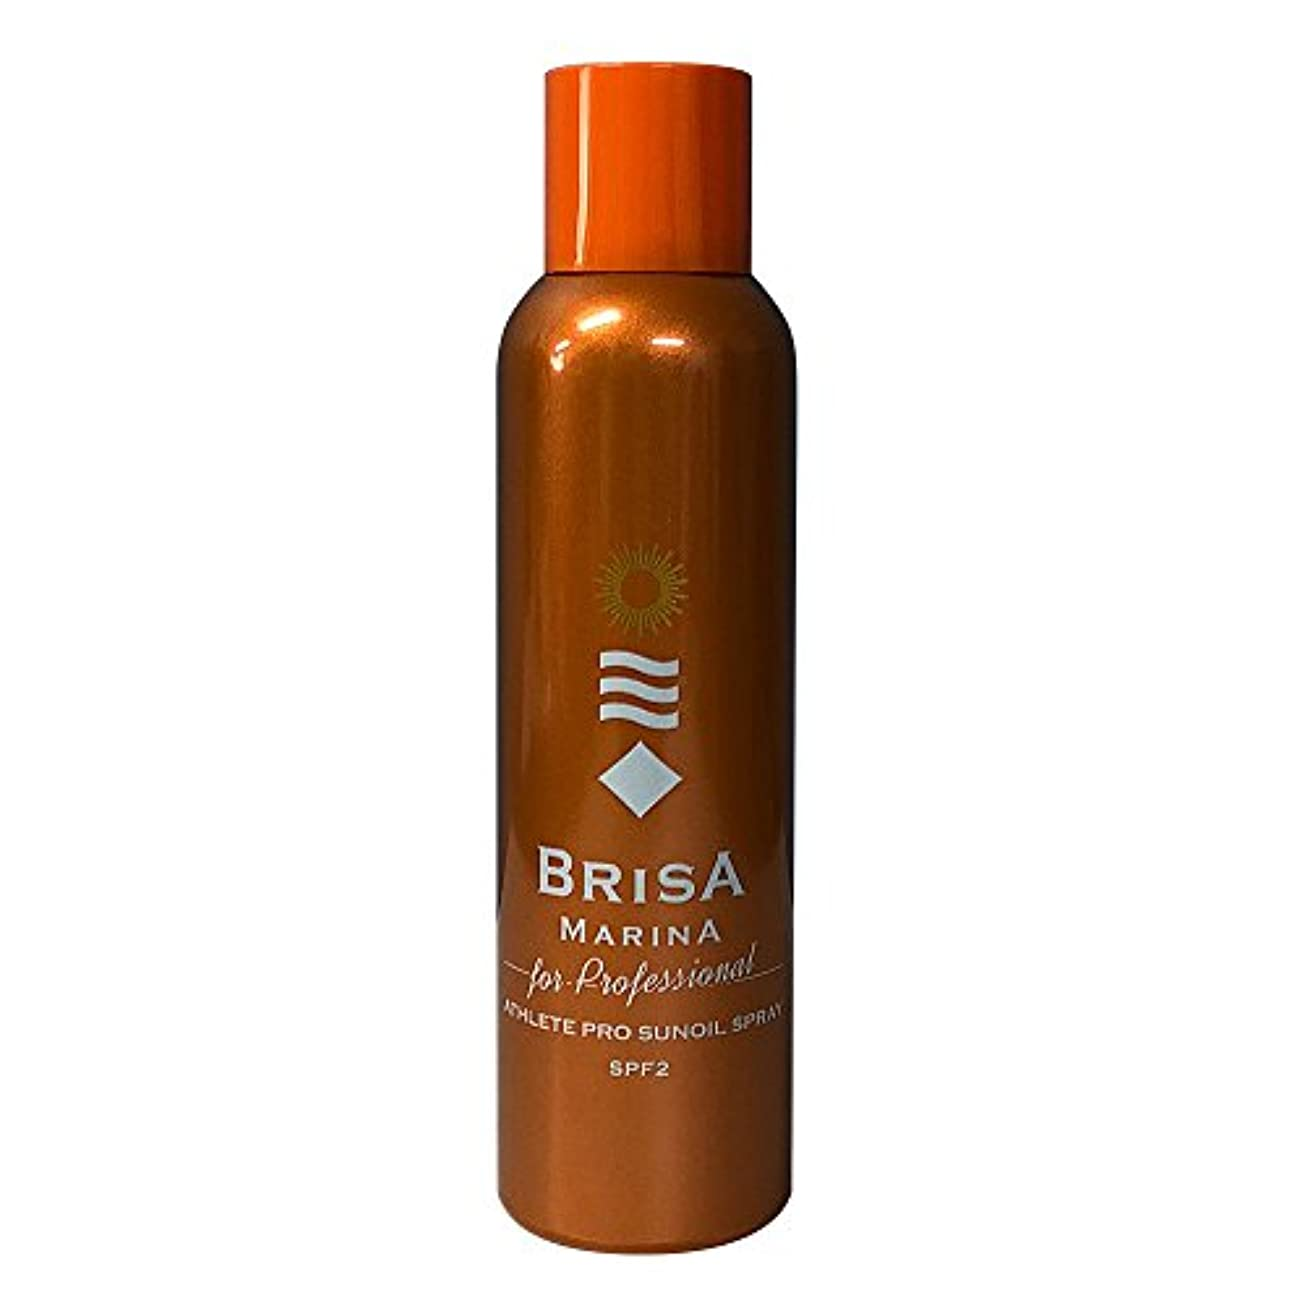 深いダイエットしなければならないBRISA MARINA(ブリサ マリーナ) アスリートプロ サンオイルスプレー [SPF2] Professional Edition [アスリートプロ 日焼け用スプレー] Z-0CBM0016610